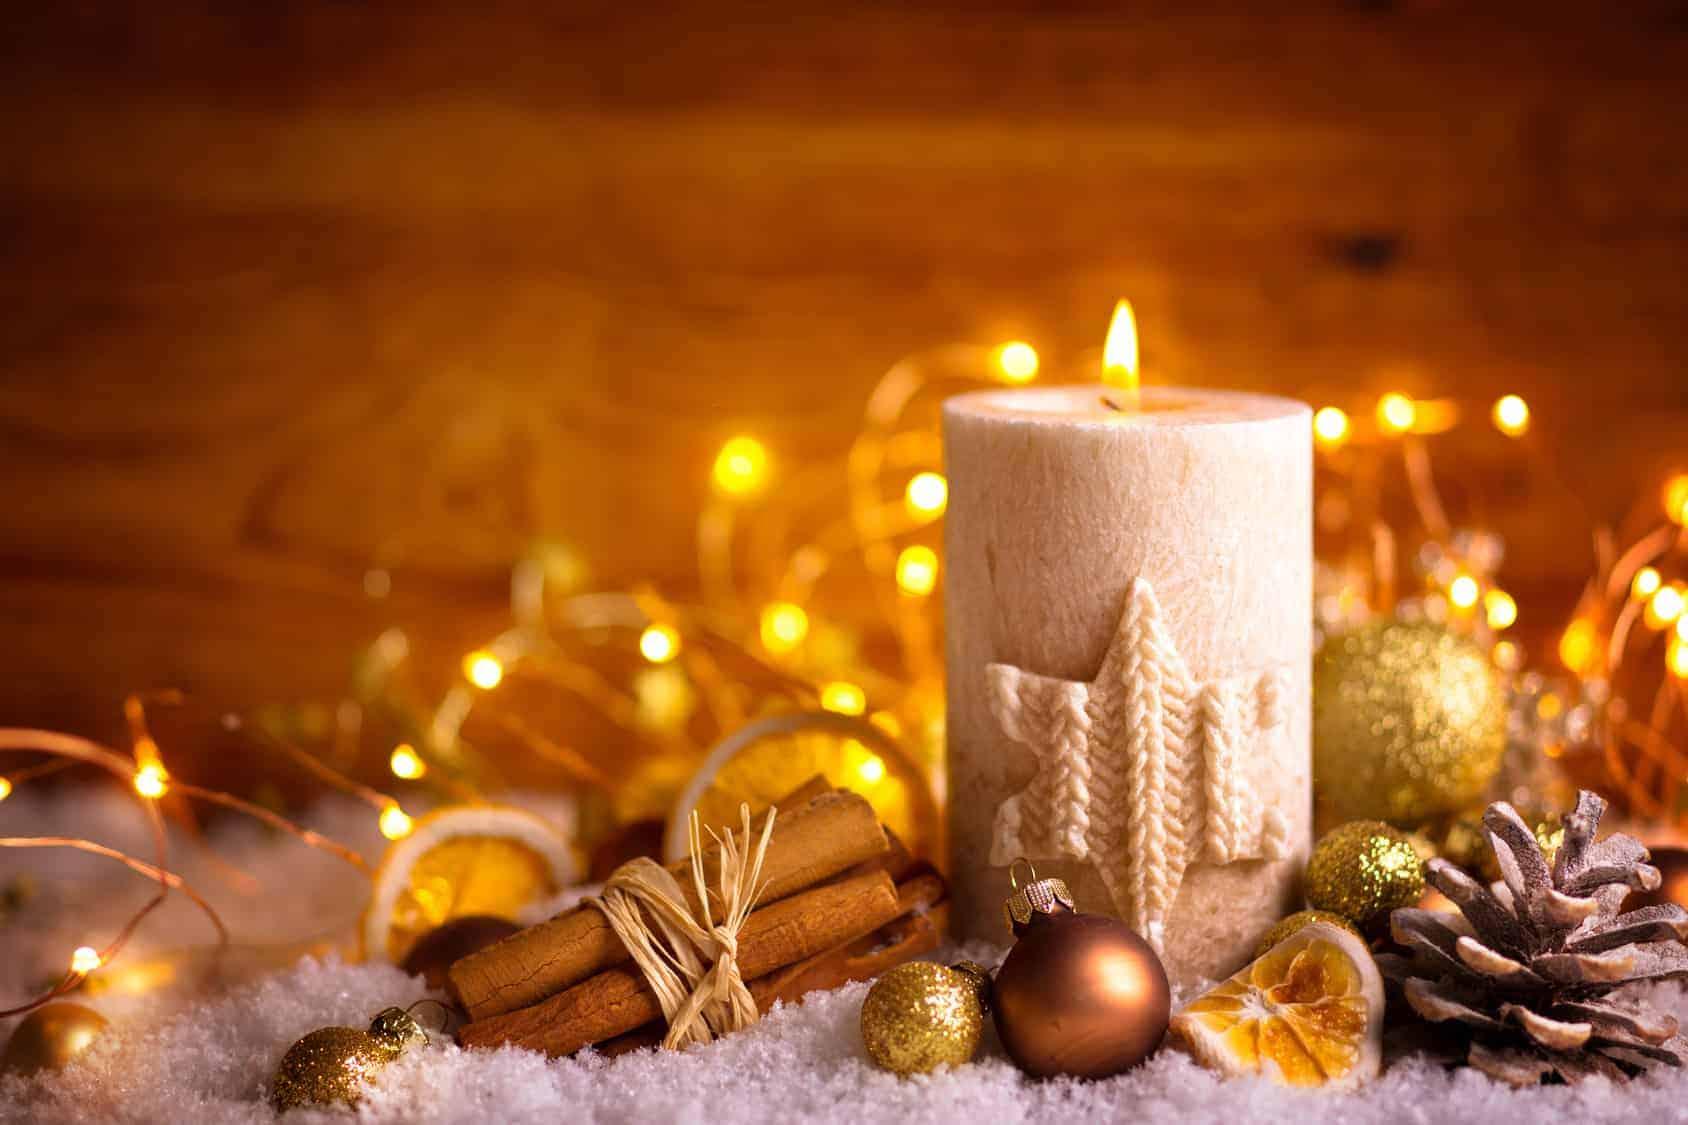 Adventskerze mit Zimt, Orangenscheiben und Kiefernzapfen (Kerzen selber machen)